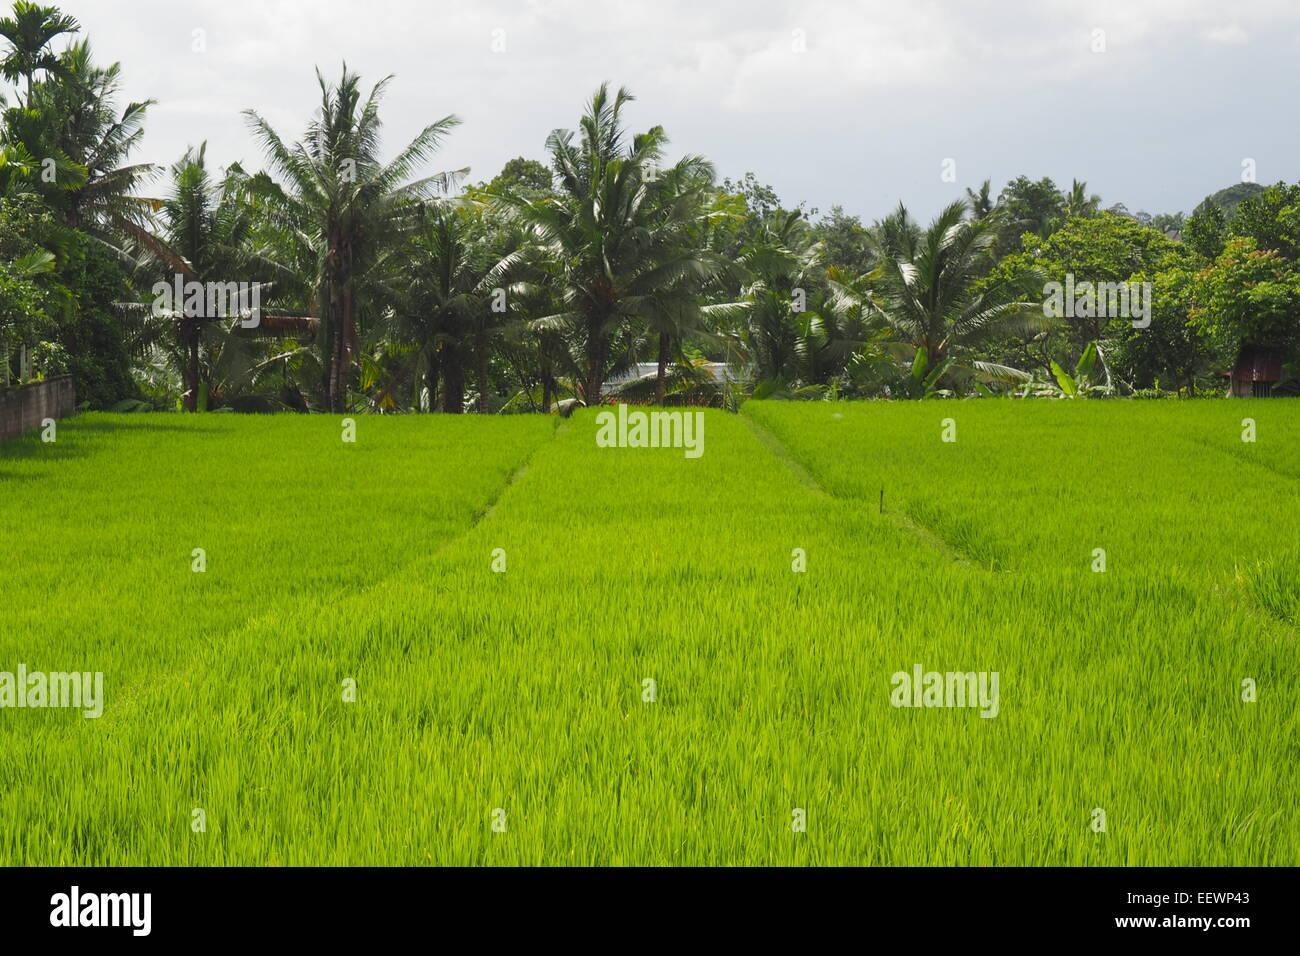 Green rice paddy in Ubud, Bali. - Stock Image